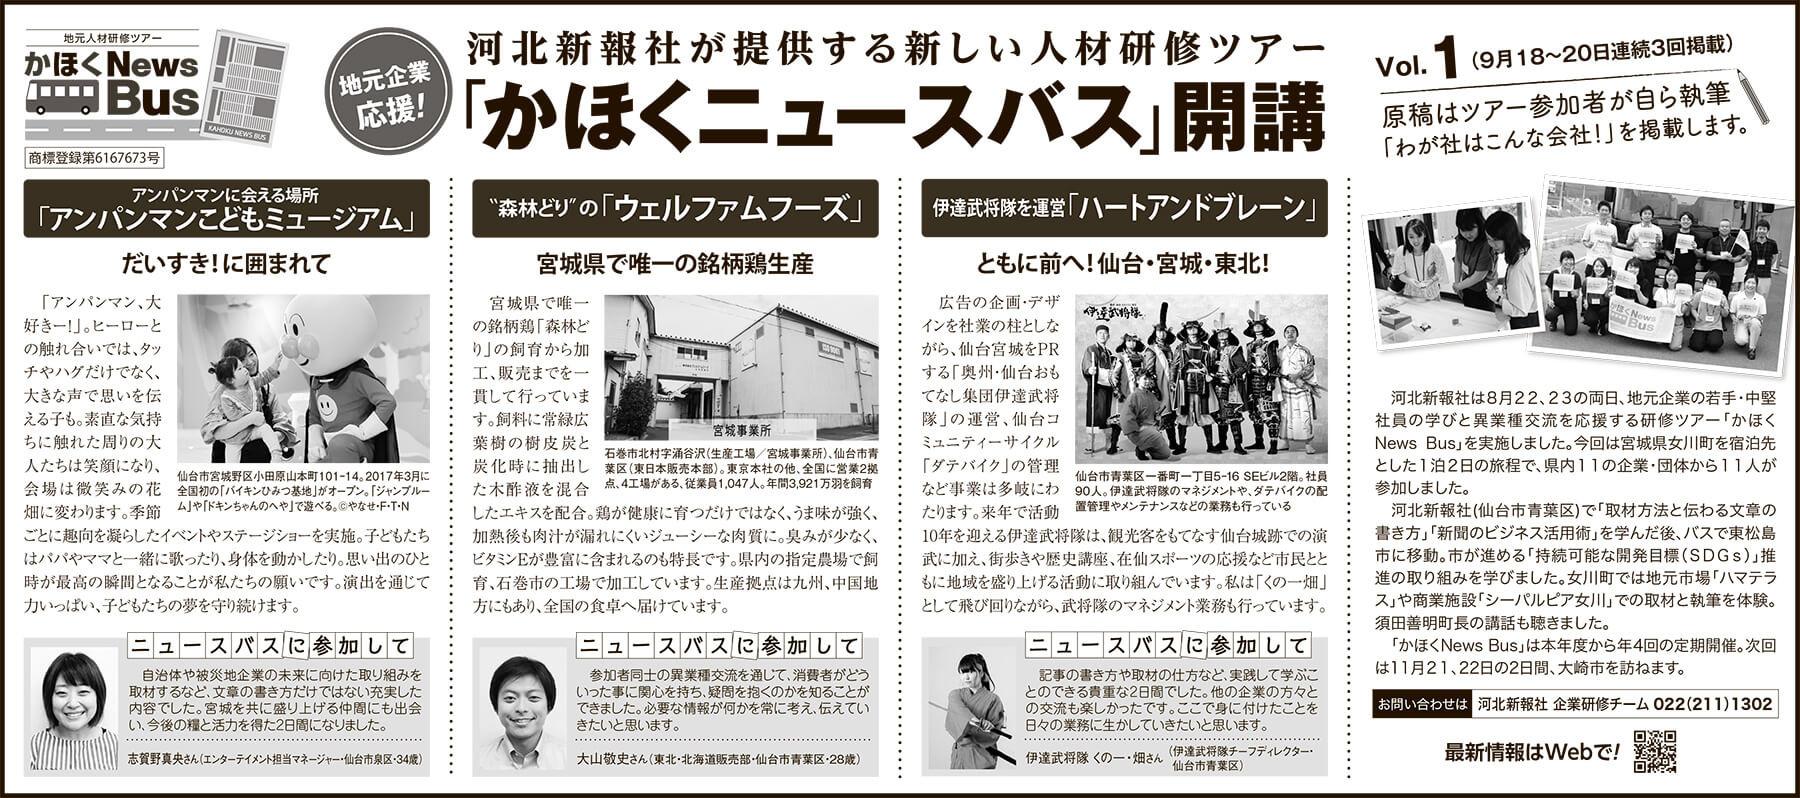 2019自社PR原稿News_Bus_5d-1.jpg